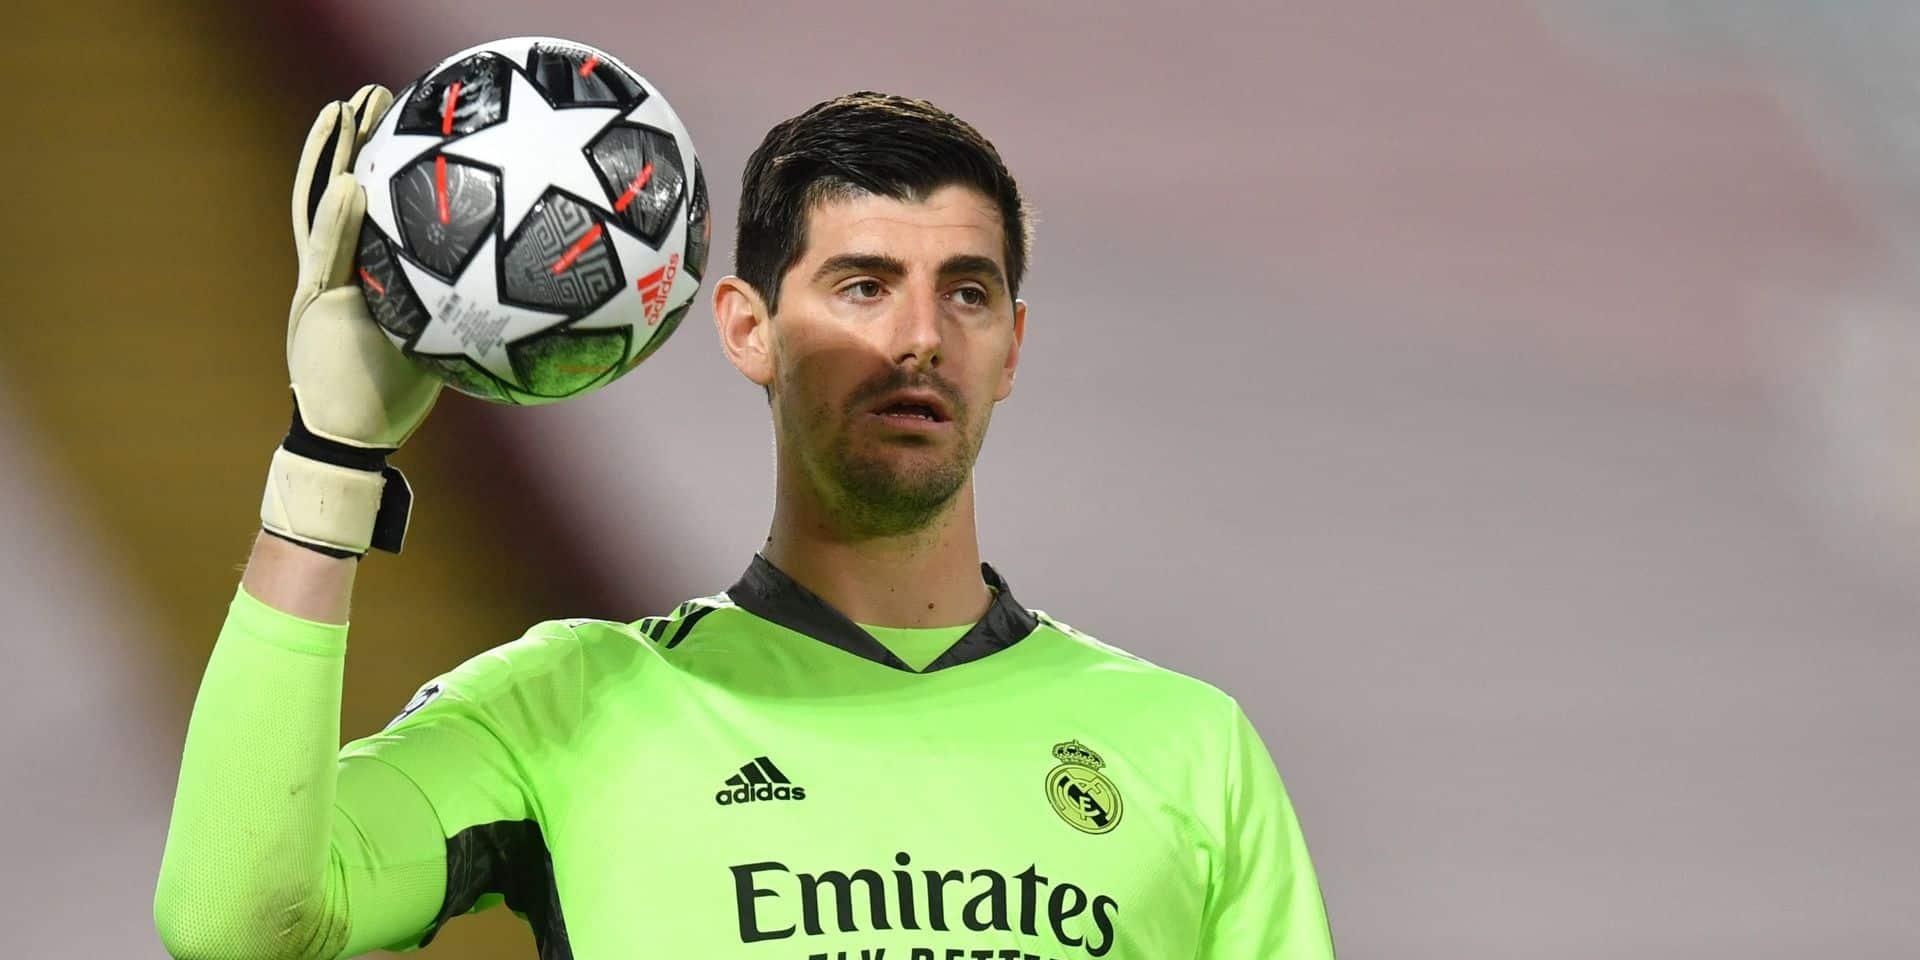 Le Real Madrid réalise la mauvaise opération face à Chelsea malgré la montée au jeu d'Eden Hazard (1-1)